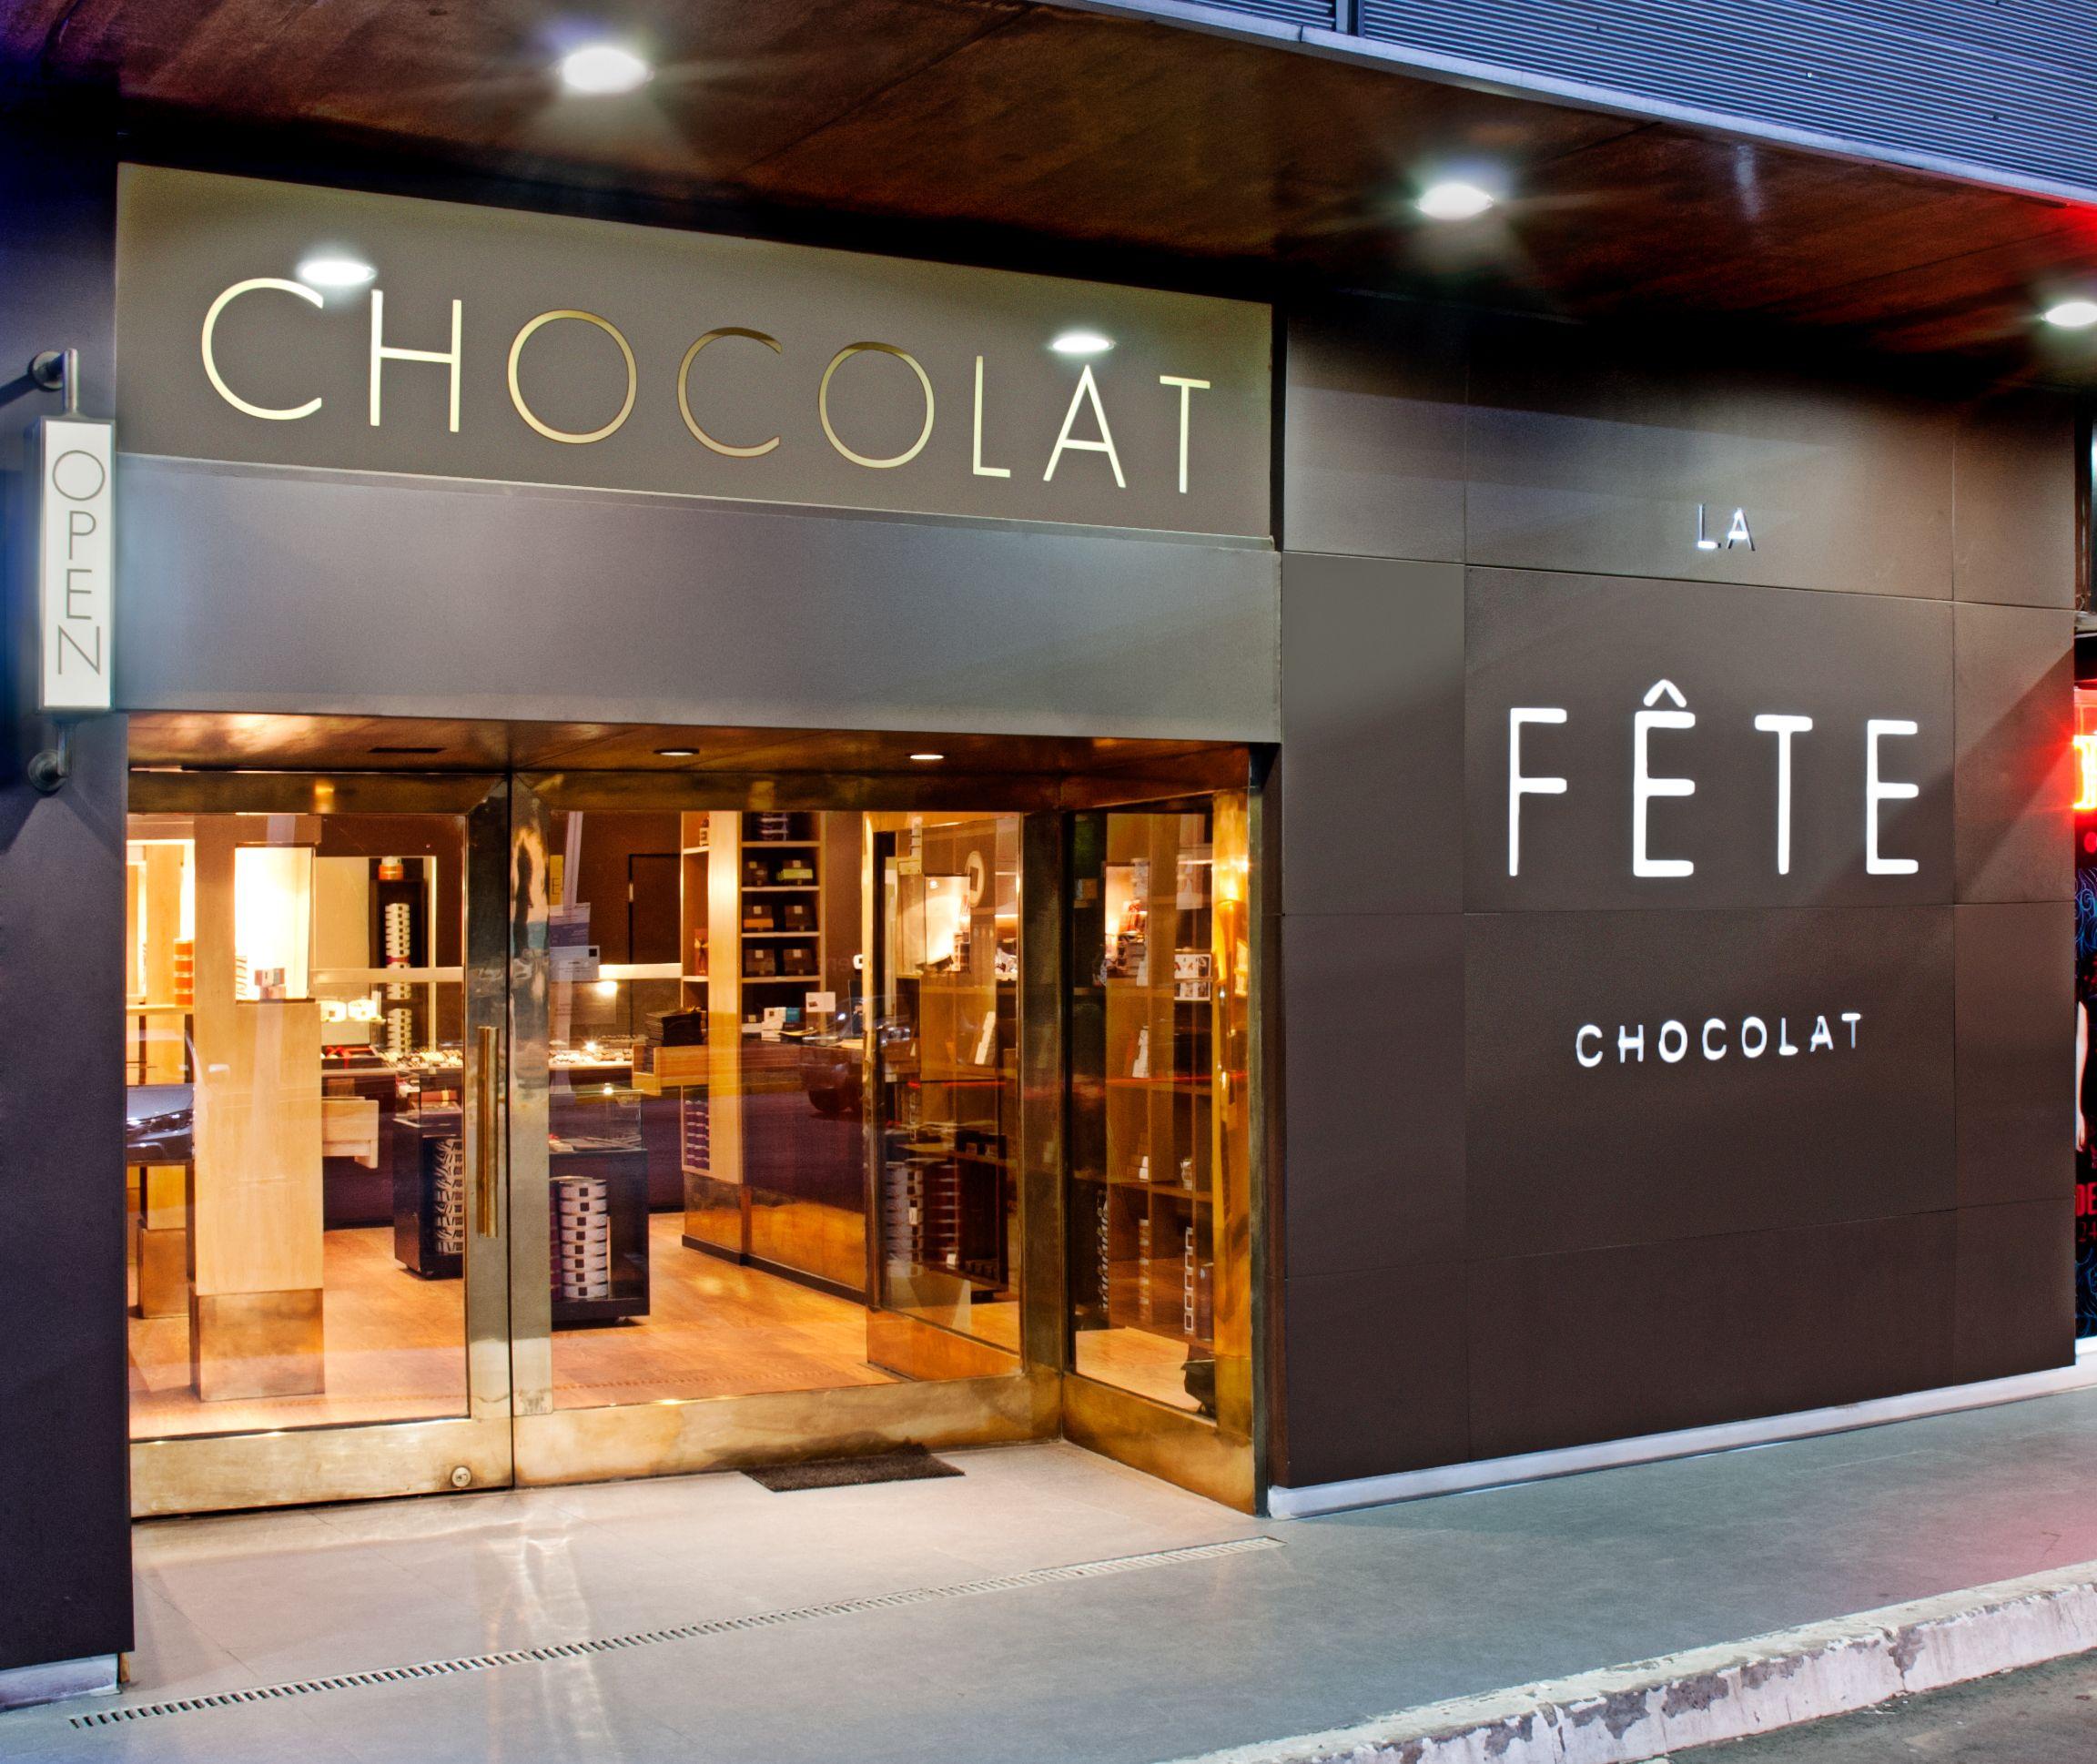 La Fte Chocolat La Dehesa Av La